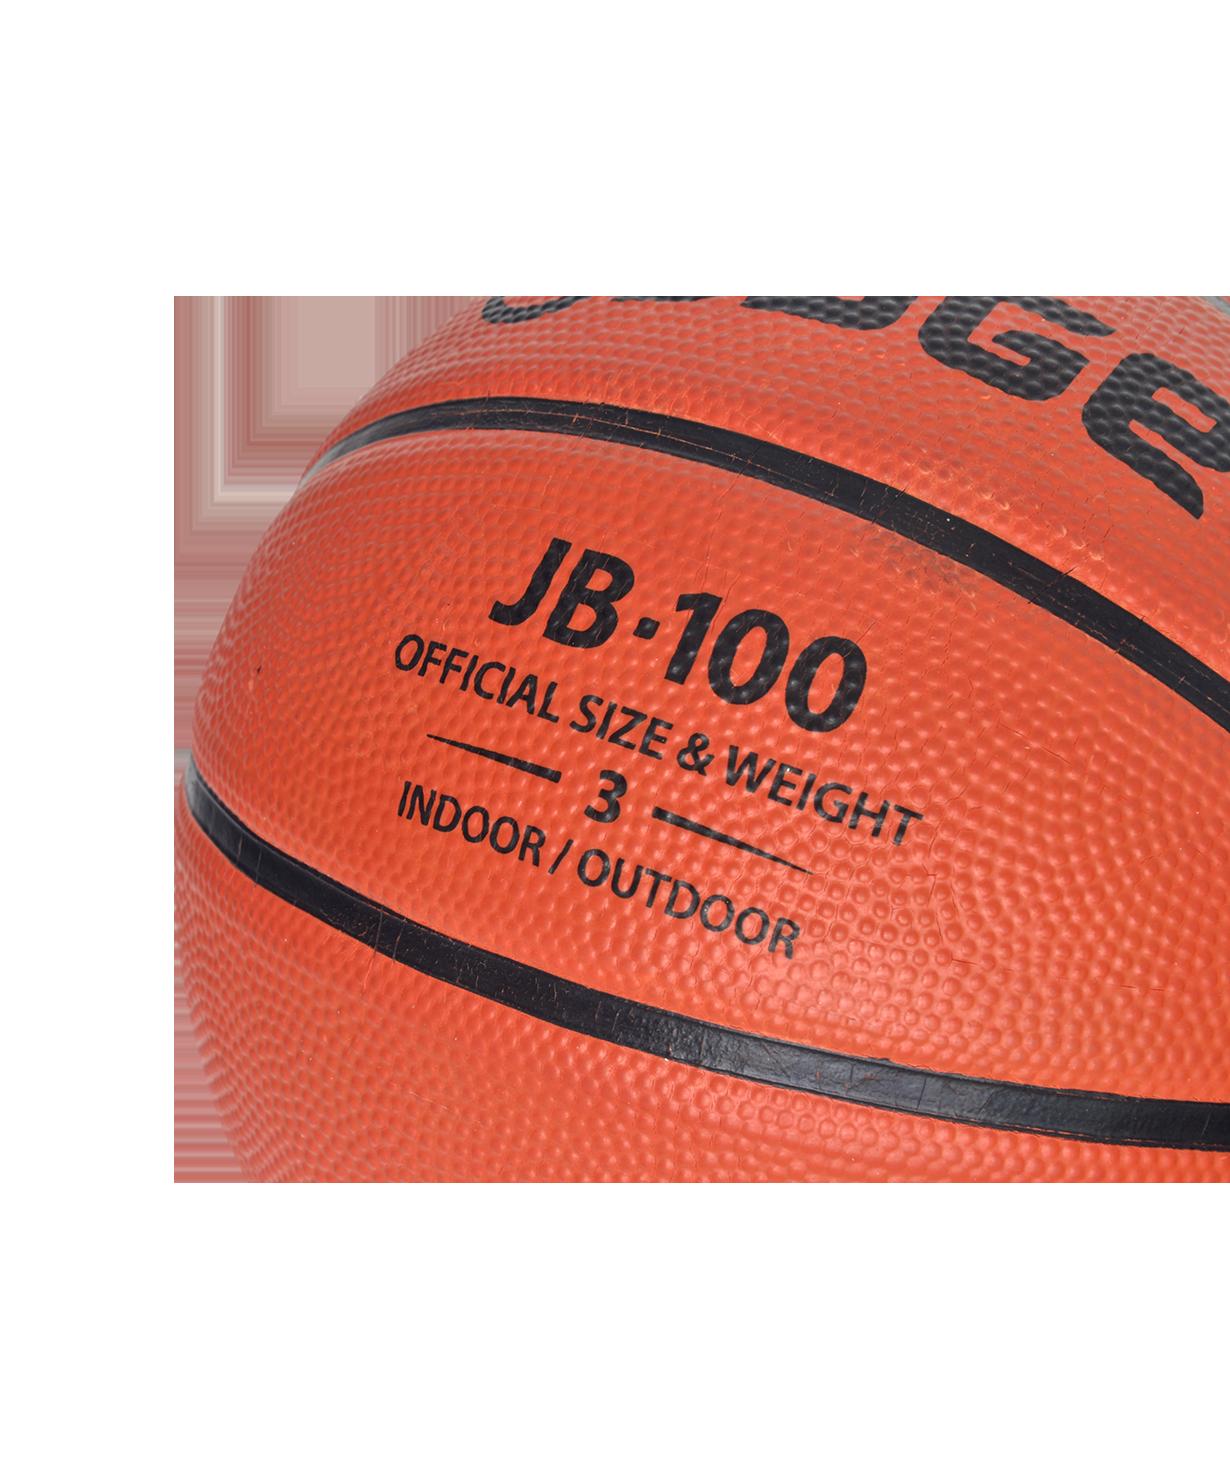 3abcb1e6 Мяч баскетбольный Jögel JB-100 №3 (3) ― купить в Москве. Цена, фото ...